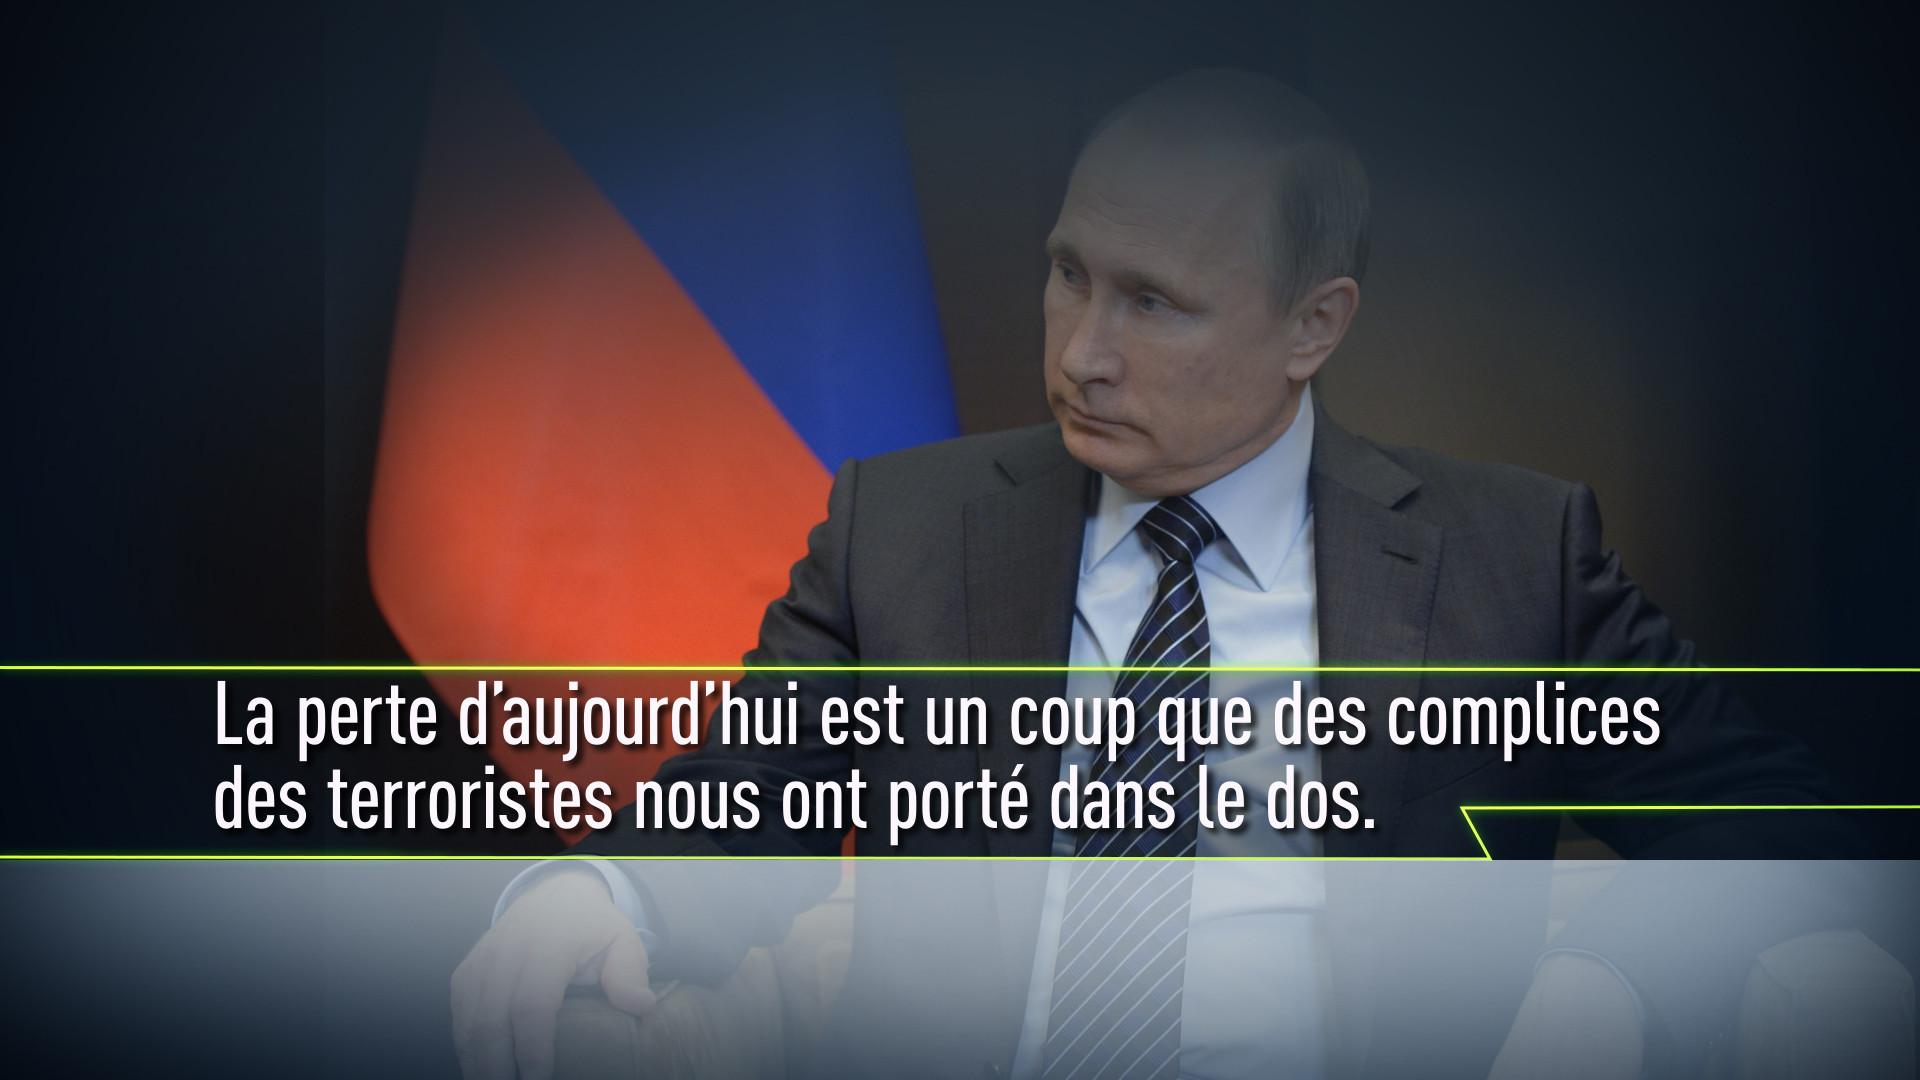 Les déclarations fortes de Vladimir Poutine à propos de la Turquie qui a abattu un Su-24 russe